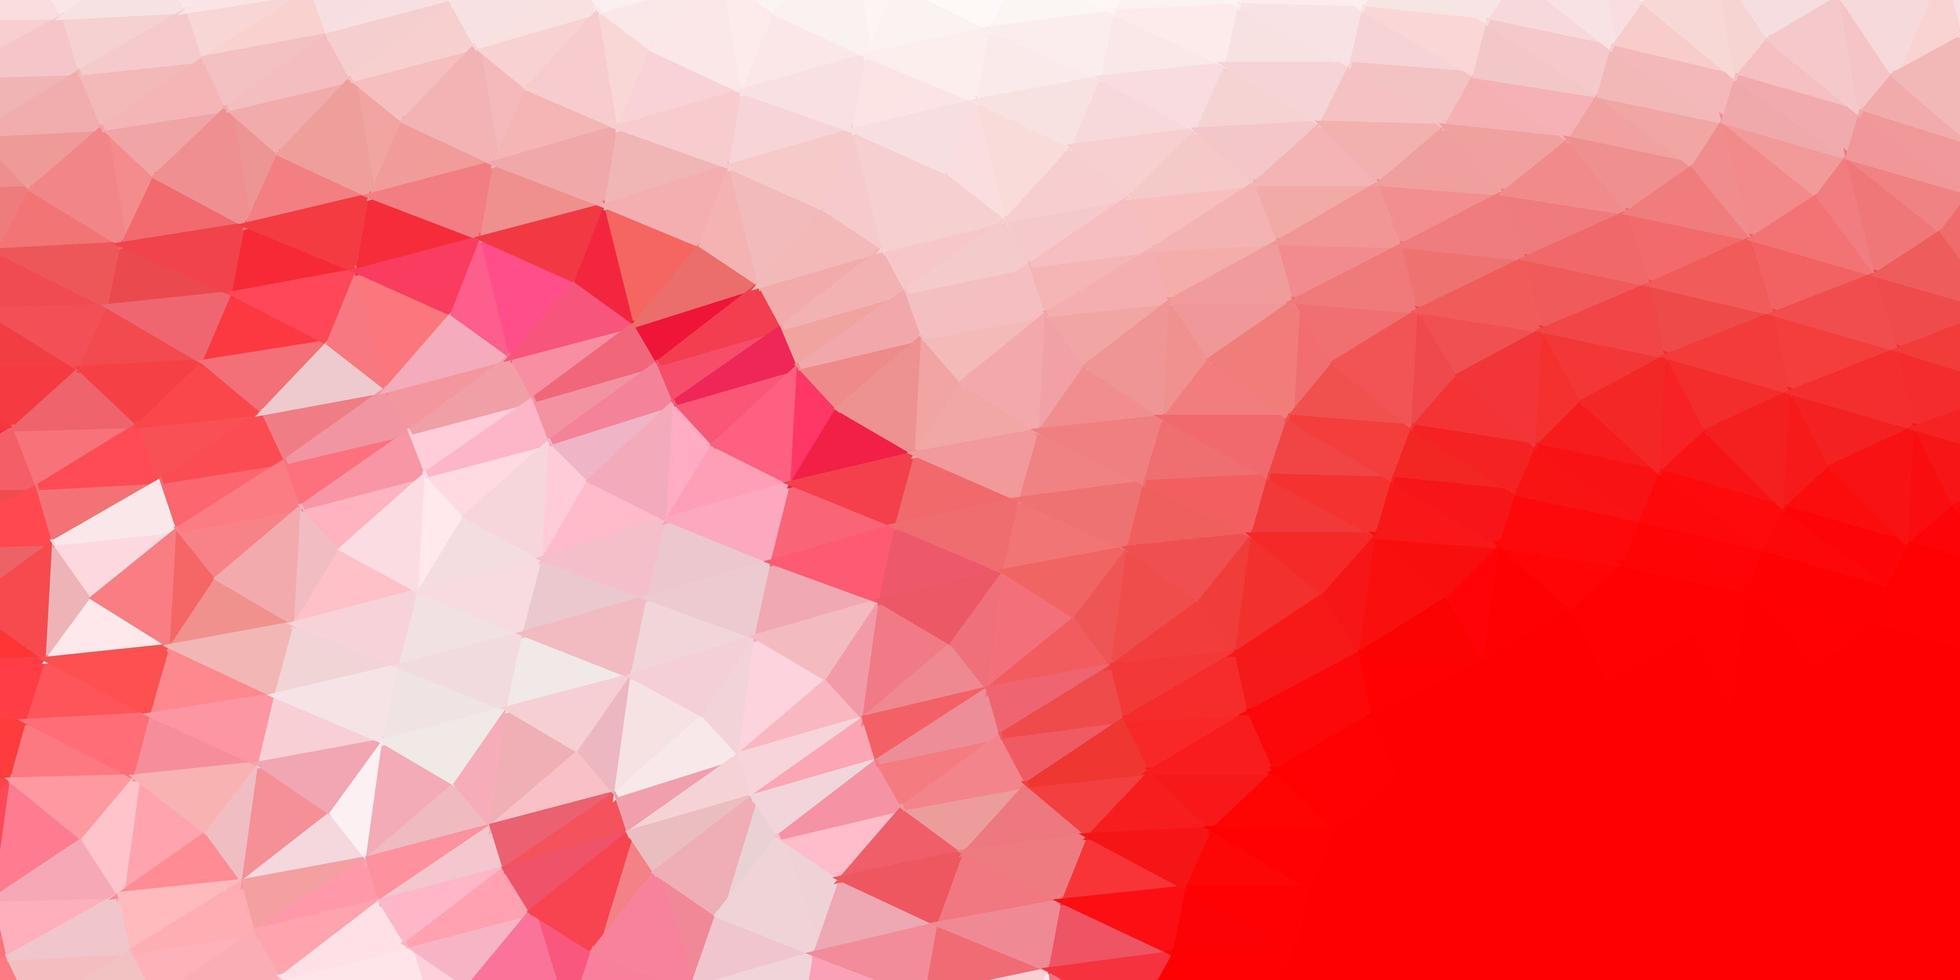 struttura poligonale gradiente vettoriale rosso chiaro.